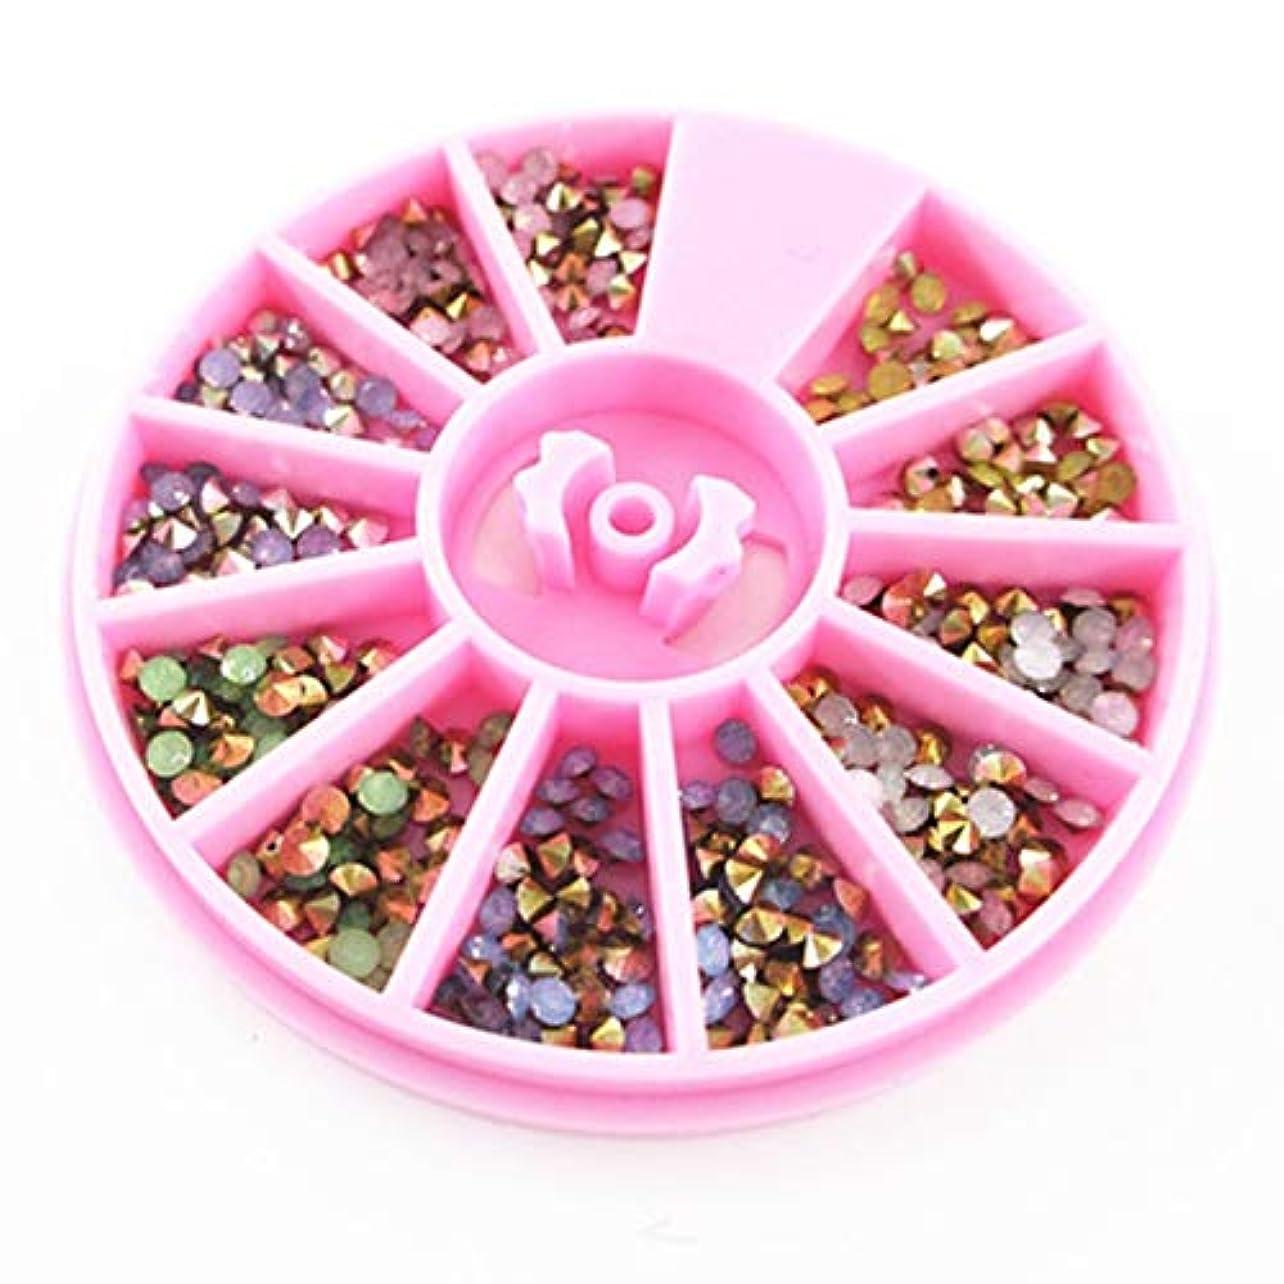 足音残る瞑想Quzama-JS 2.5 mmのカラフルな鋭い底ラインストーン3 D釘芸術装飾オパール釘を満たすこと(None Pink bottom)